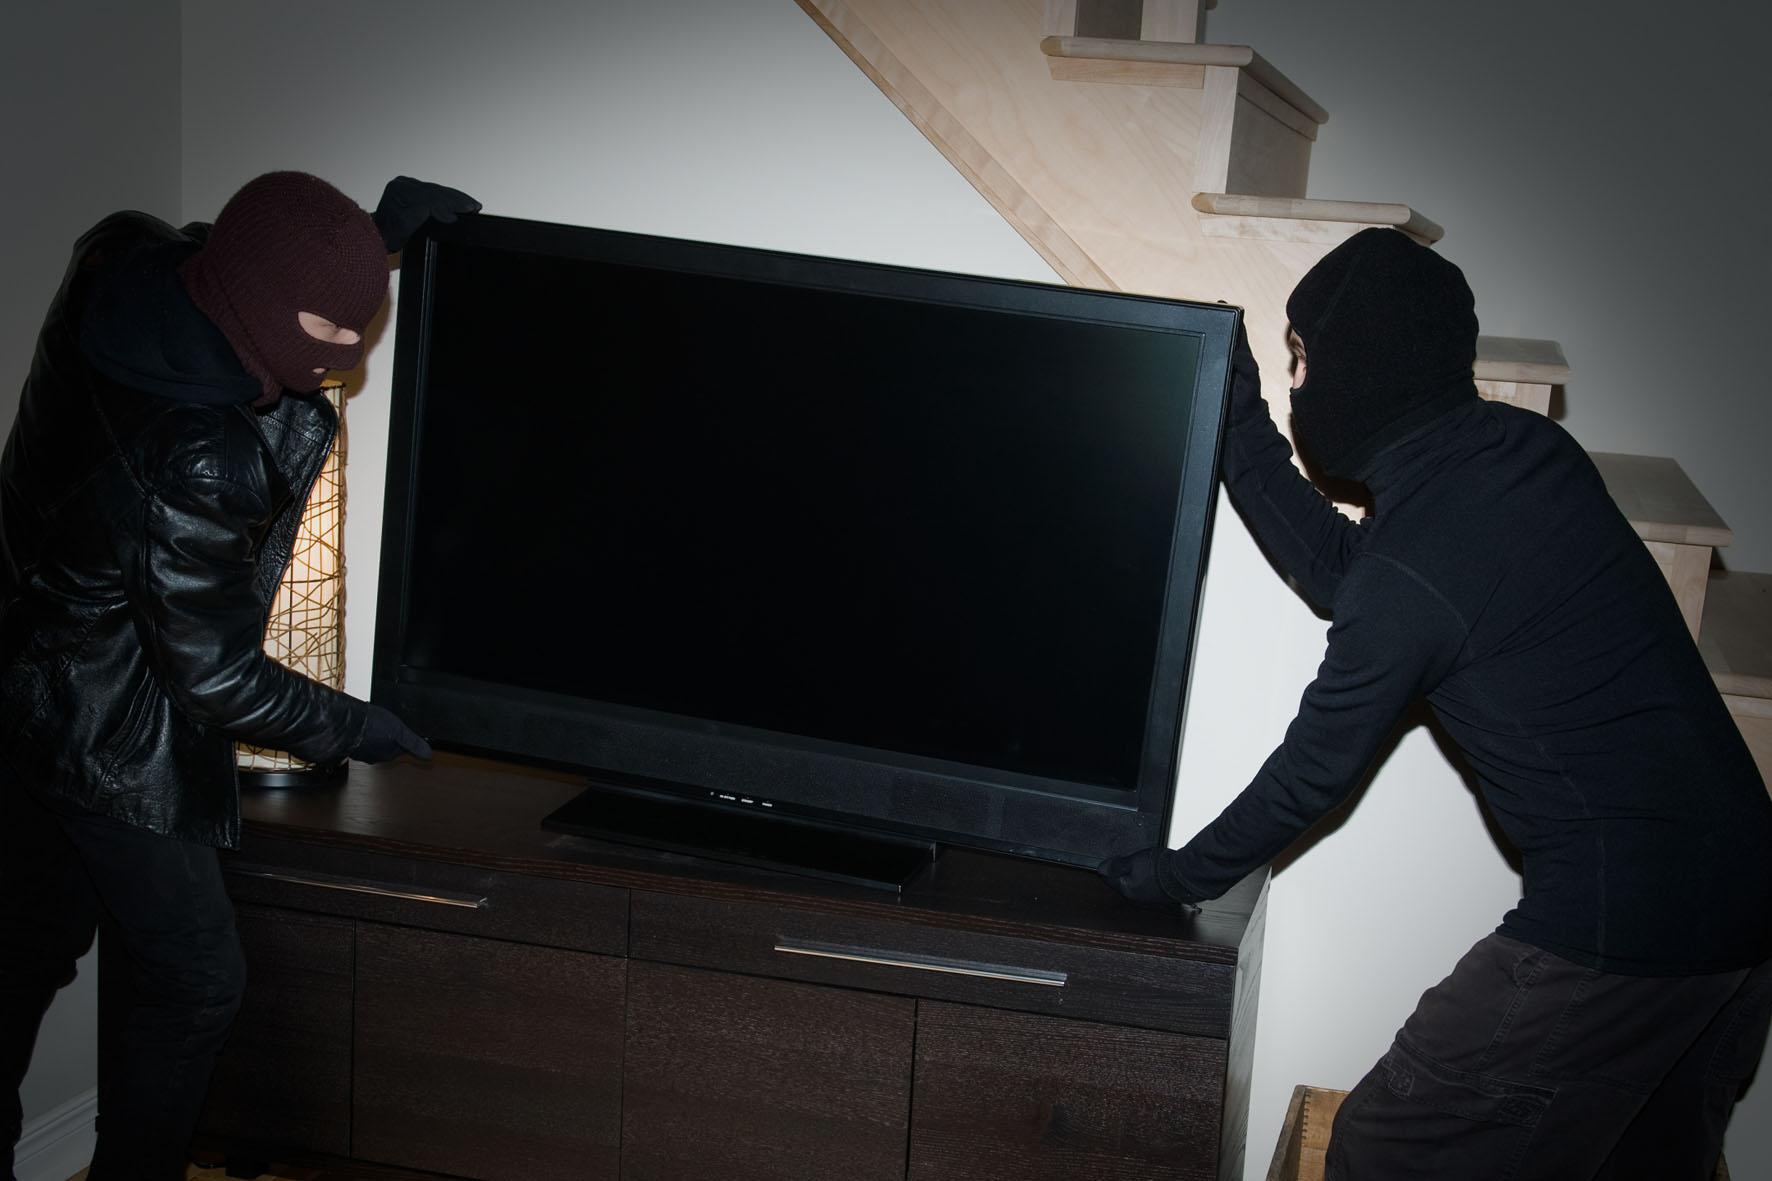 В Измаиле раскрыты две телевизионные кражи